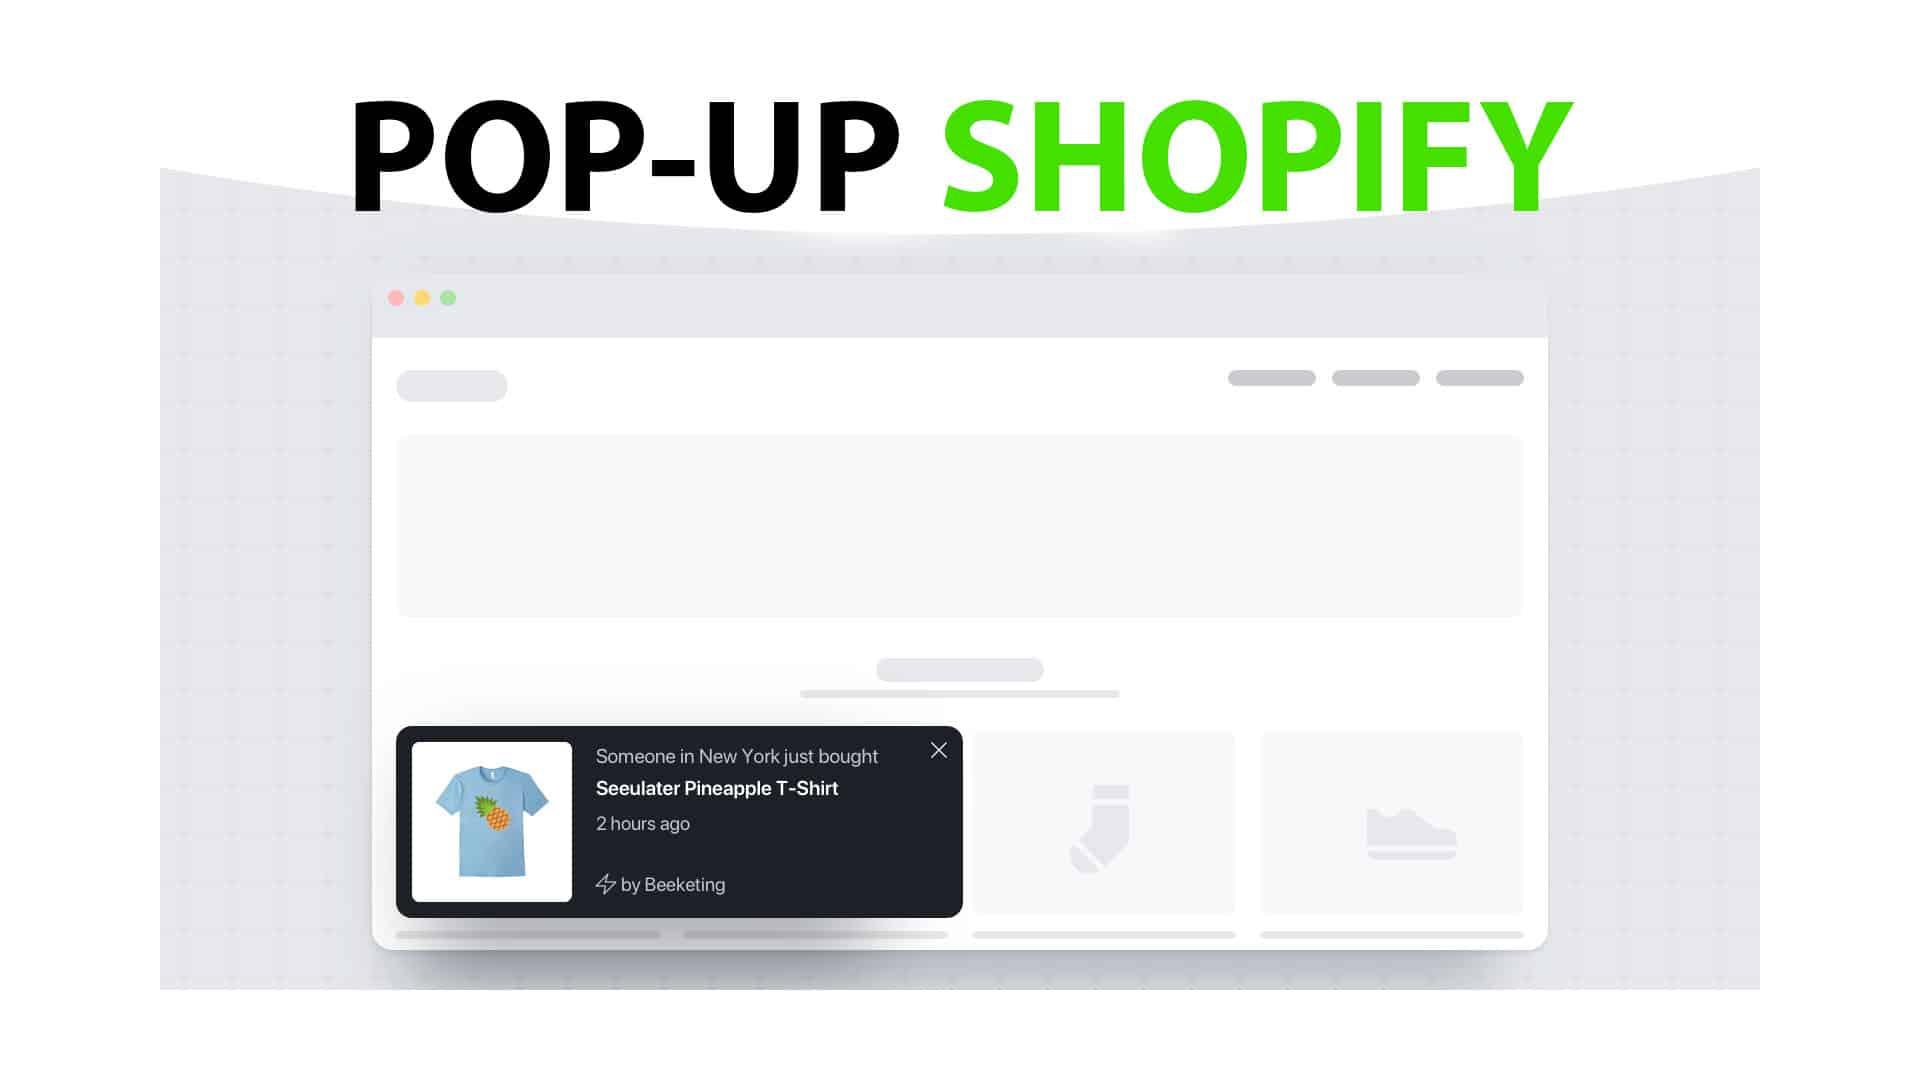 Pop up shopify pour la newsletter ou code promo